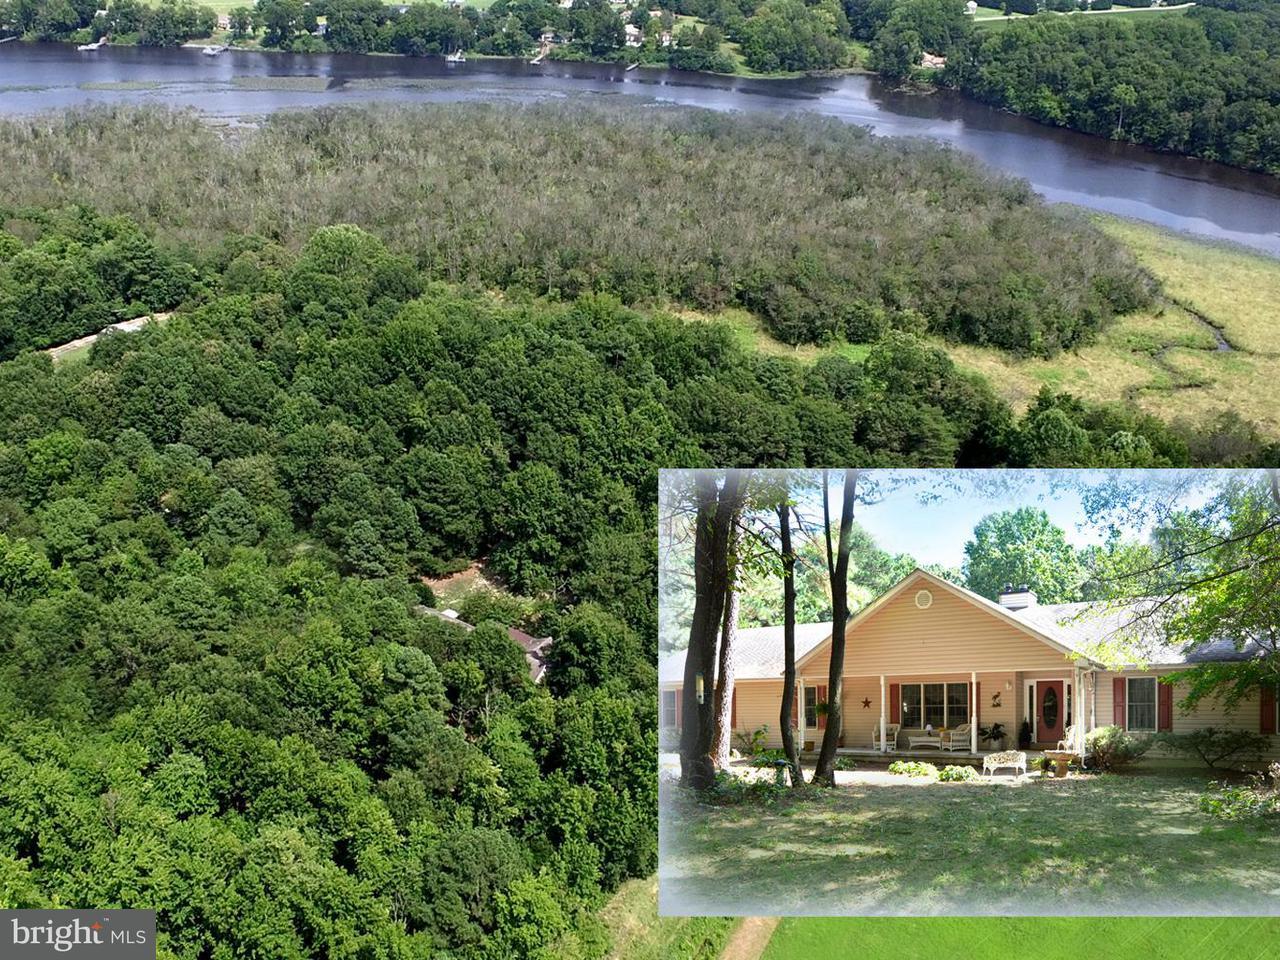 一戸建て のために 売買 アット 10605 RIVER Road 10605 RIVER Road Denton, メリーランド 21629 アメリカ合衆国